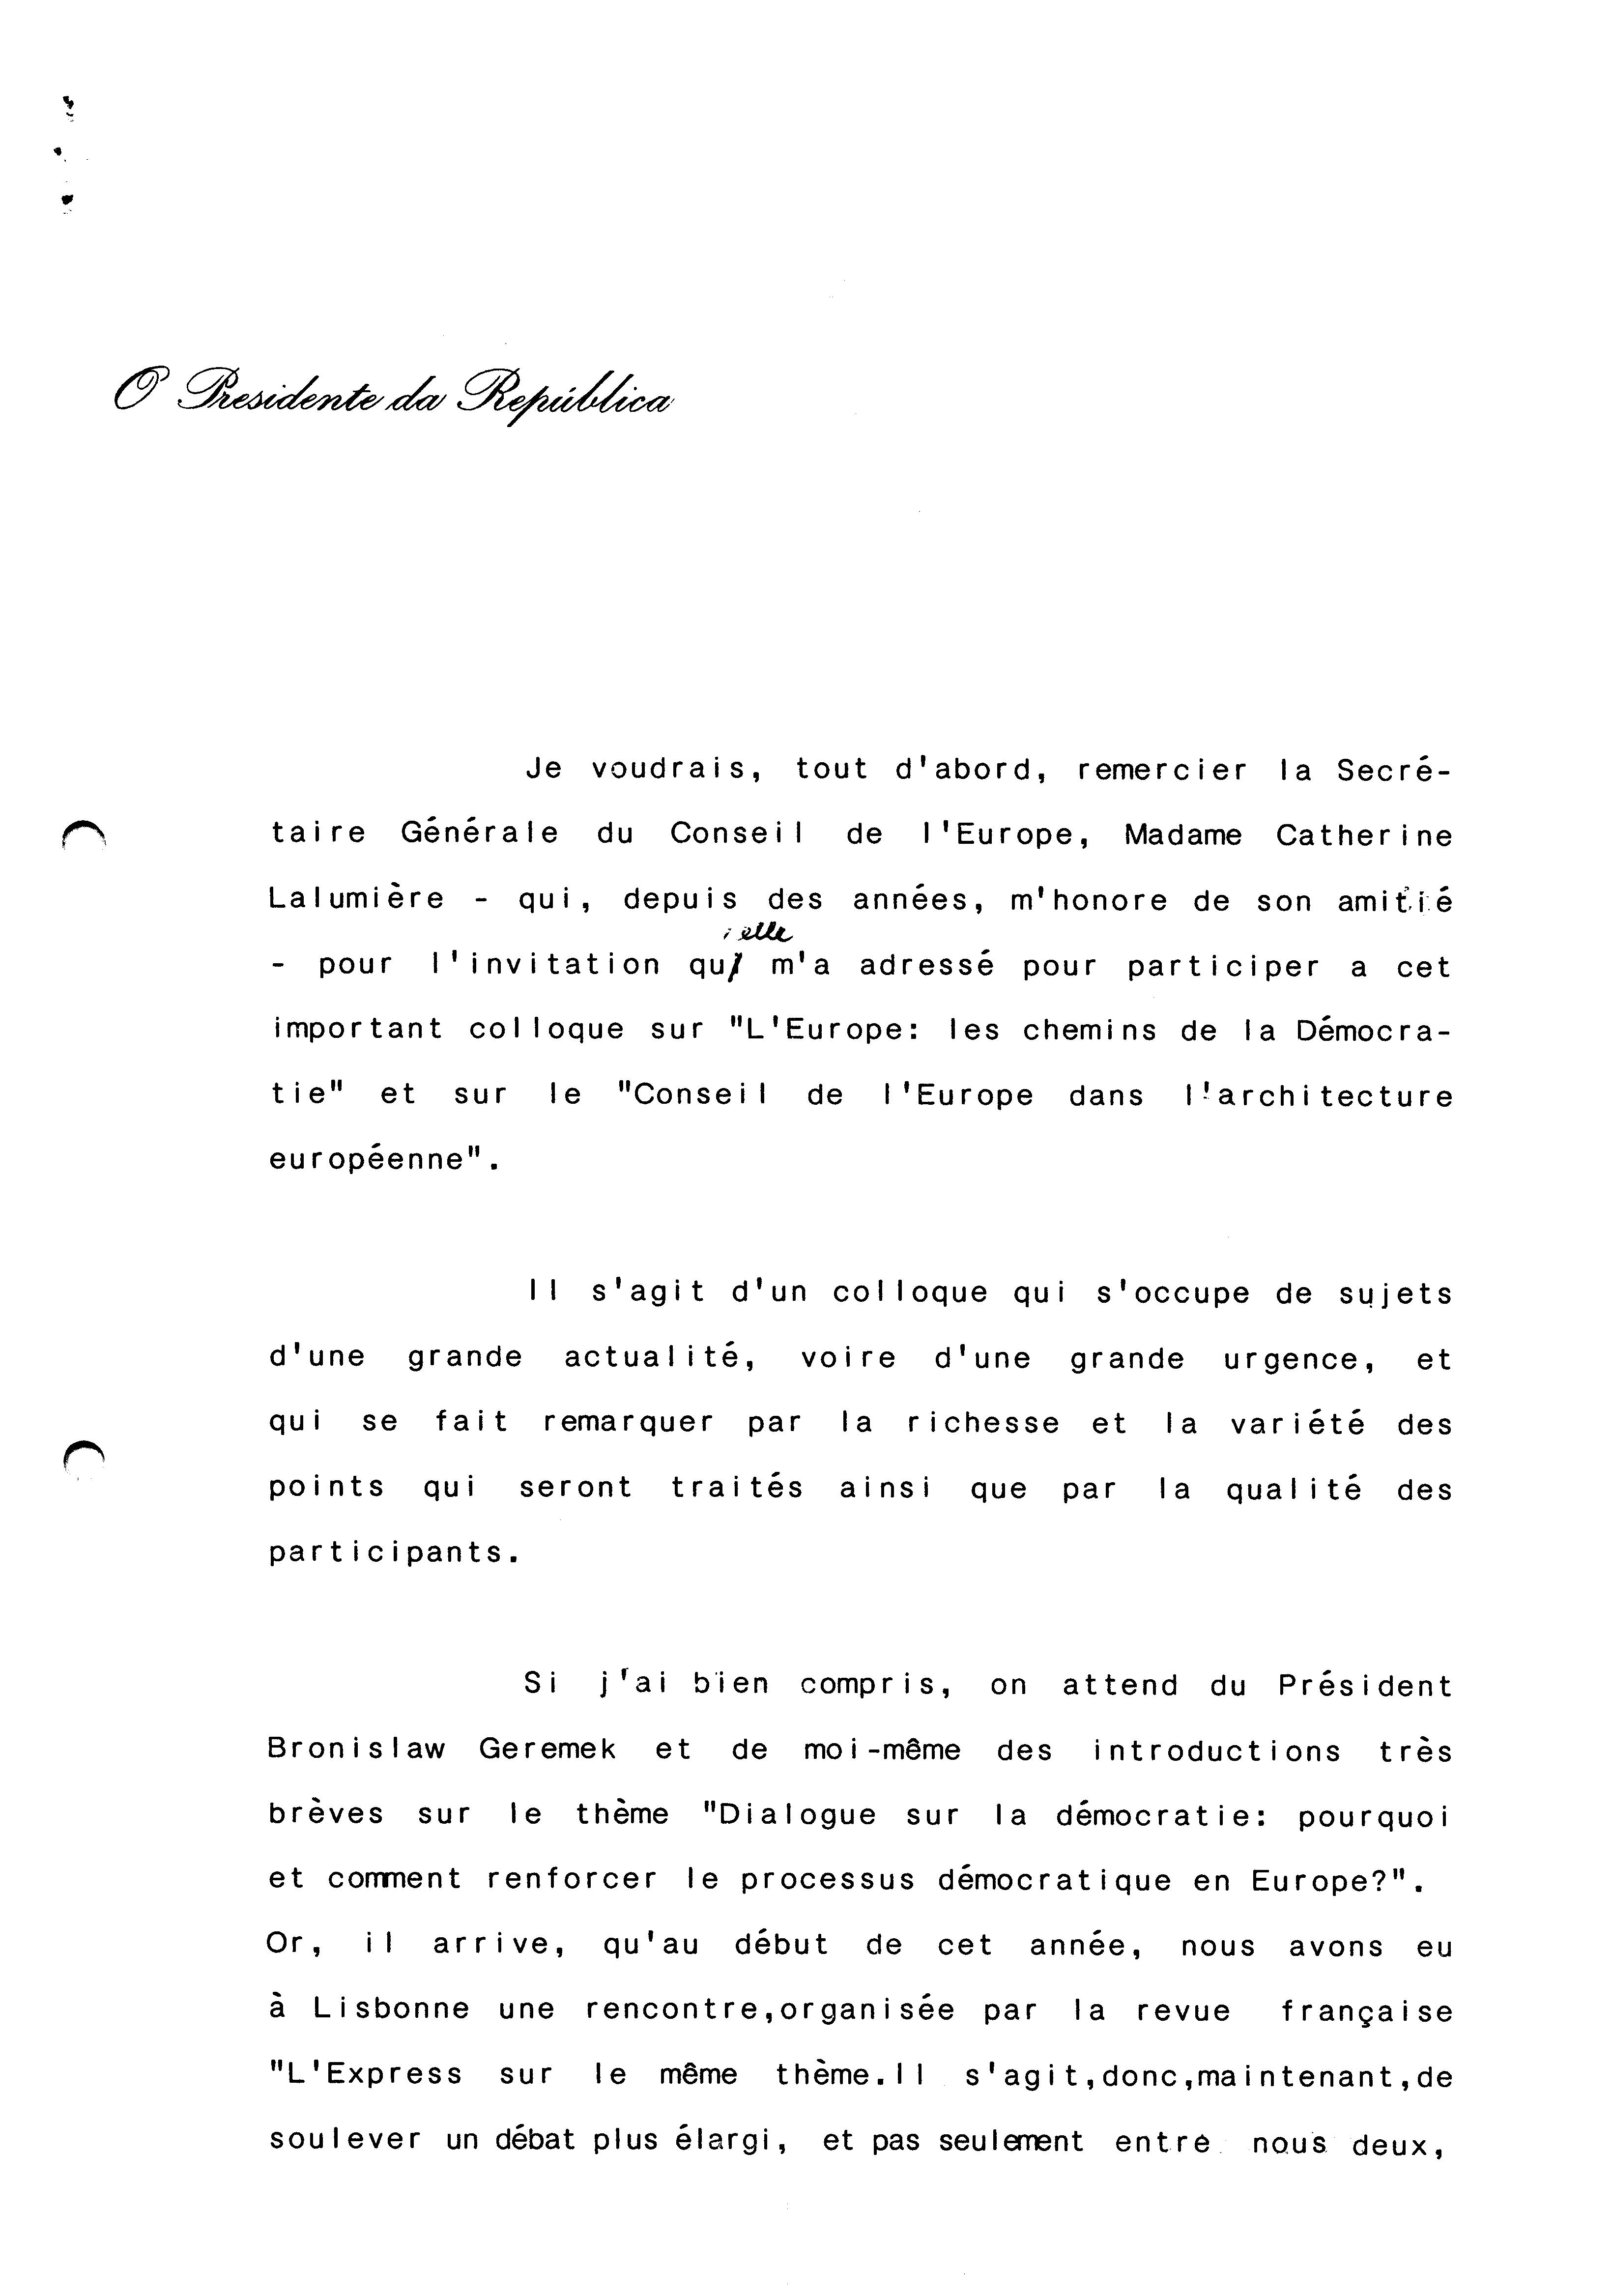 00404.017- pag.1